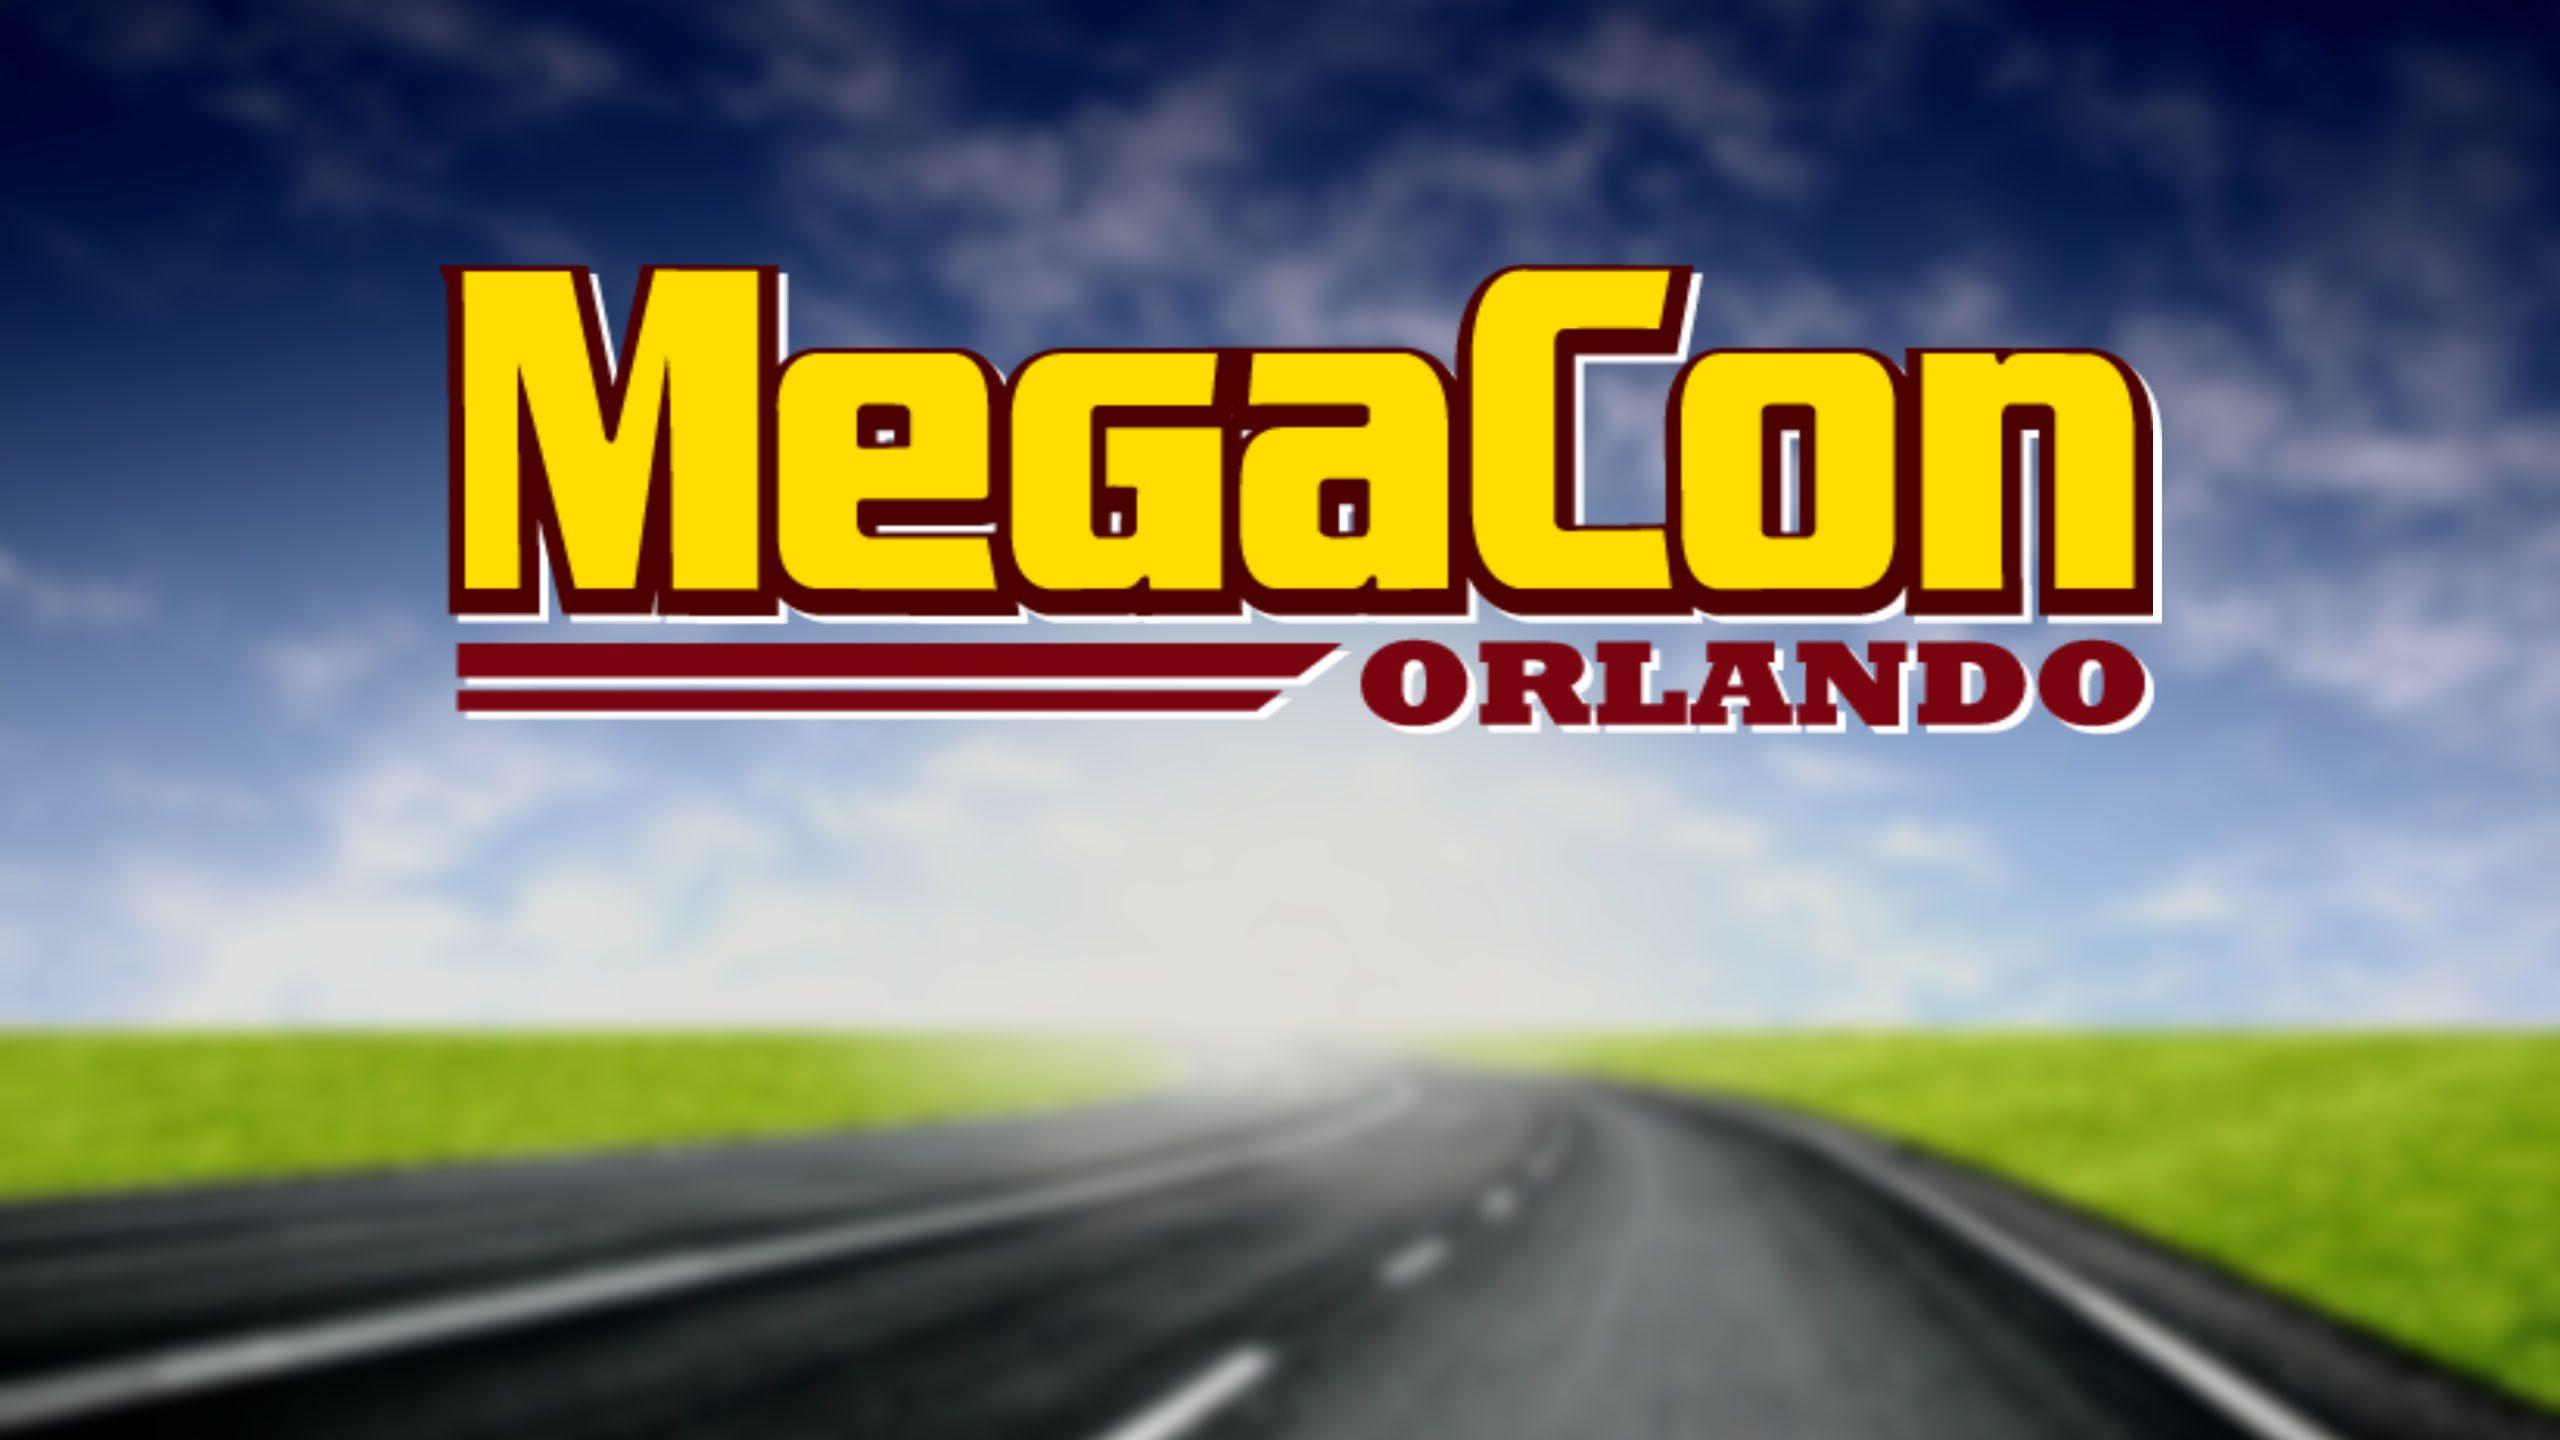 GenXGrownUp's Full MegaCon Orlando 2018 Coverage